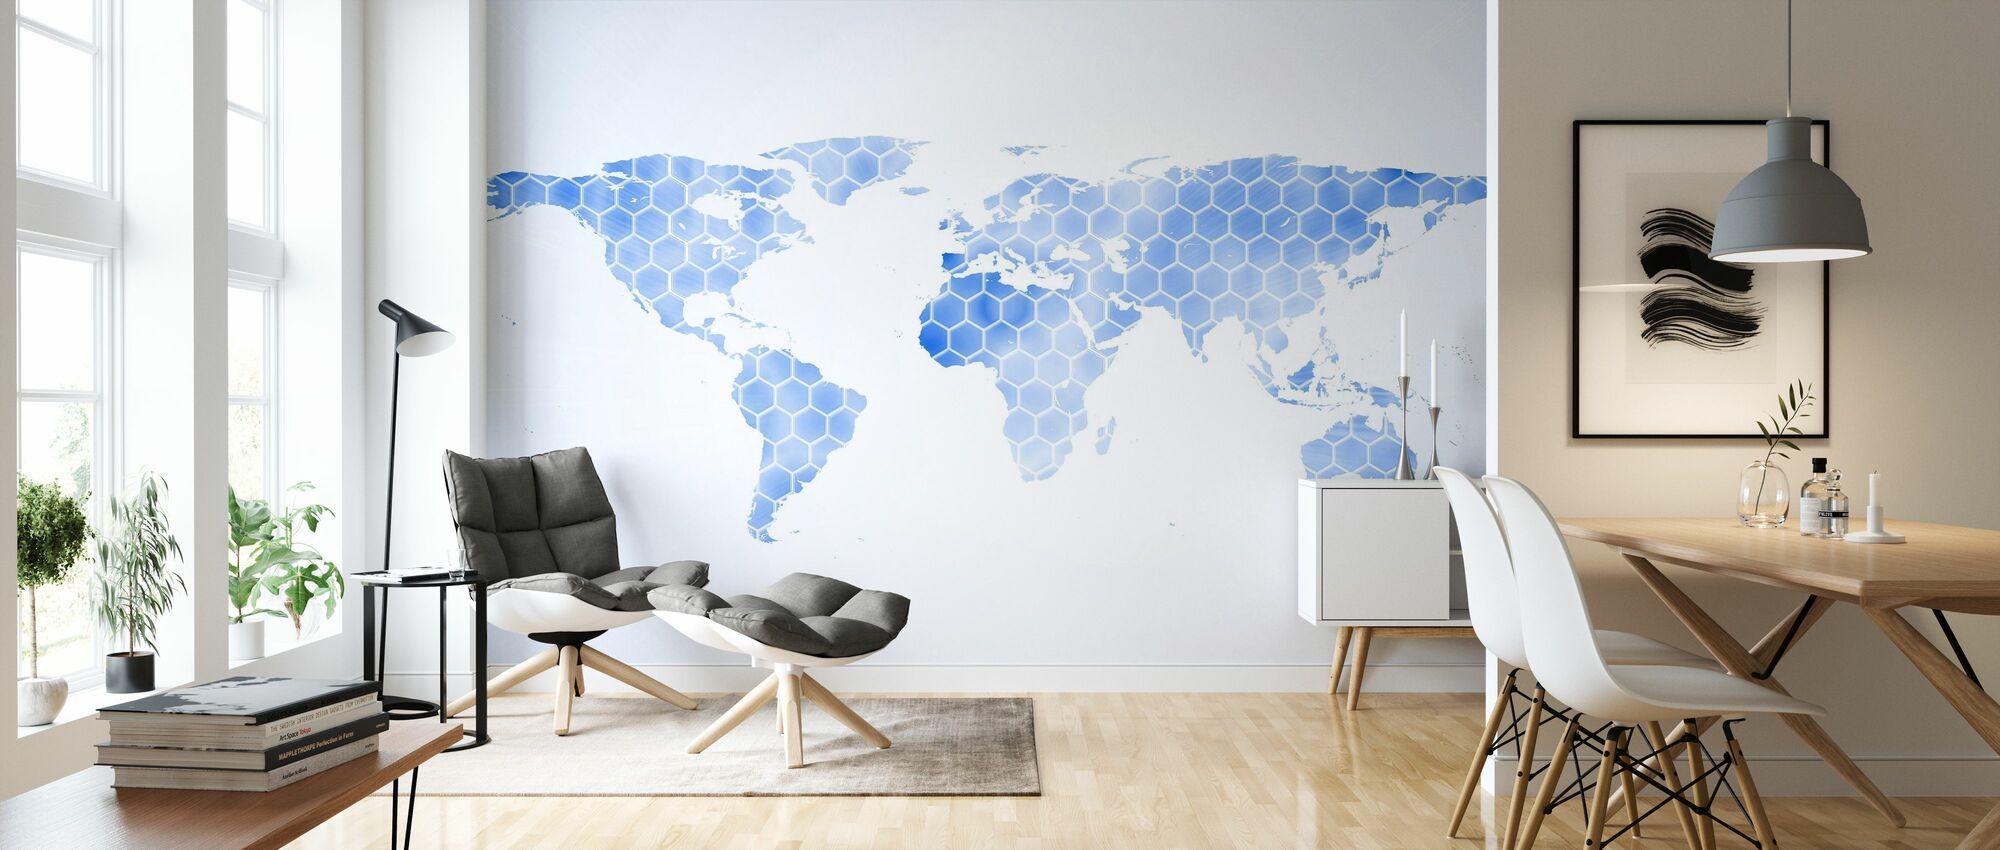 Blue Hexagon Weltkarte - Tapete - Wohnzimmer